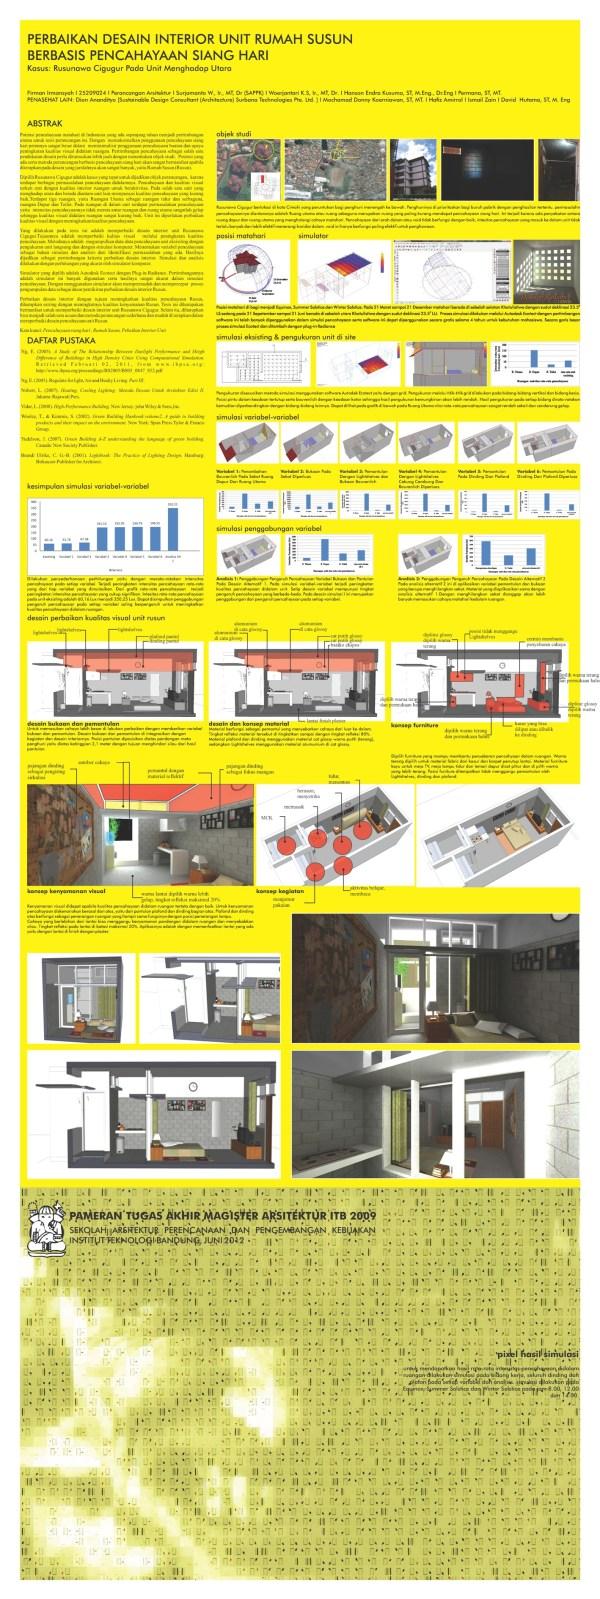 Perbaikan Desain Interior Unit Rumah Susun Berbasis Pencahayaan Siang Hari  LAZY REVIEW